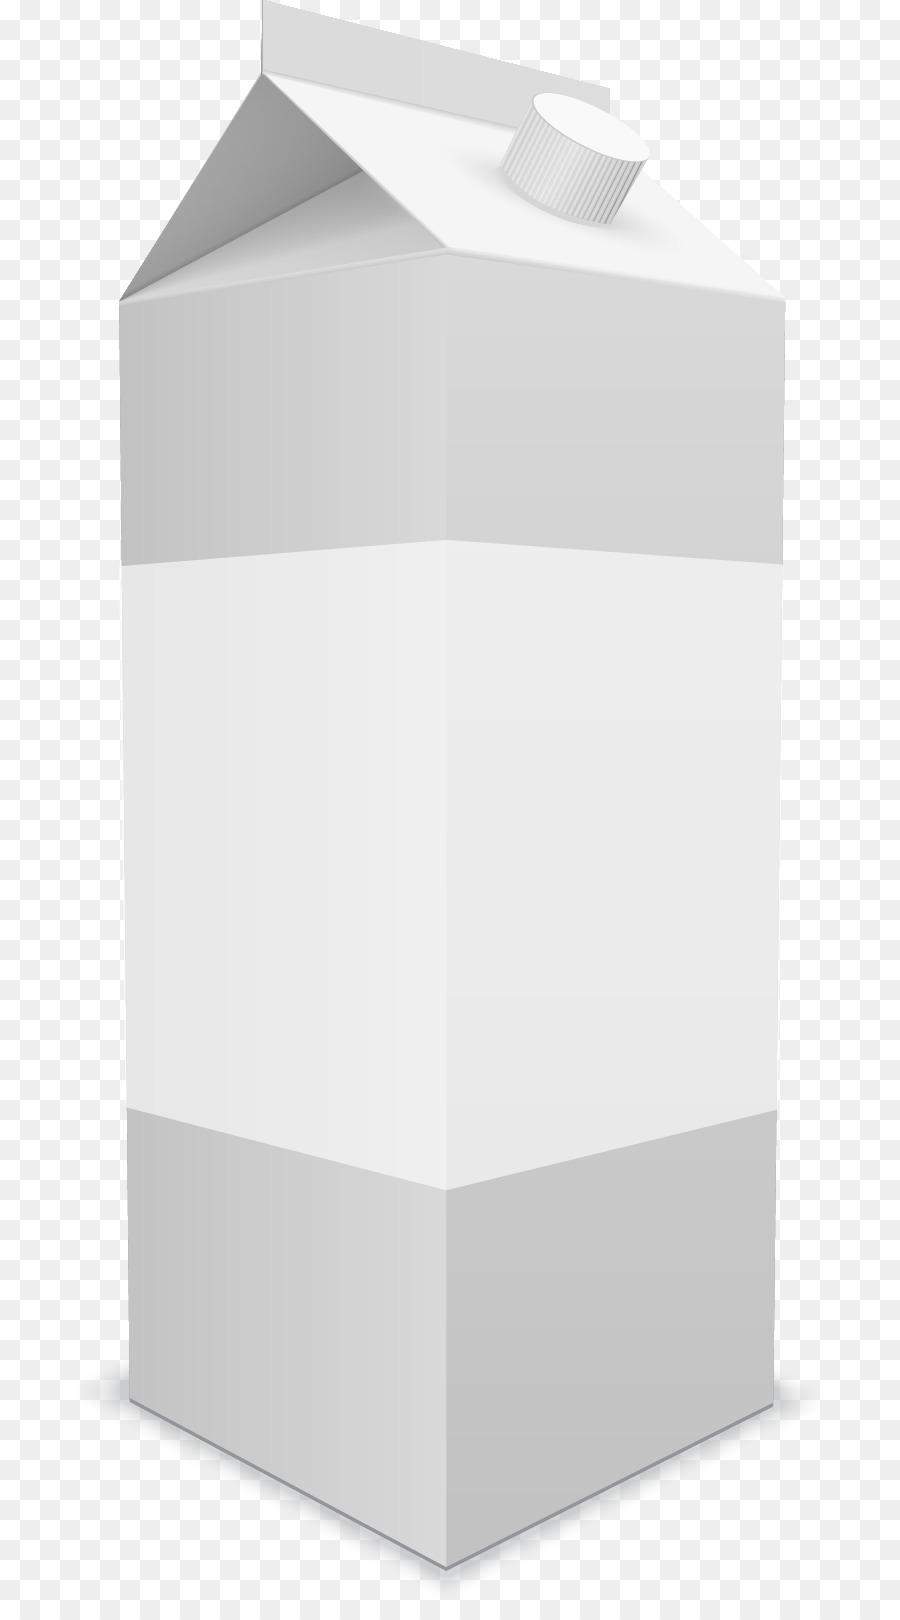 картинка молоко в коробке на прозрачном фоне самок вырабатывает особый